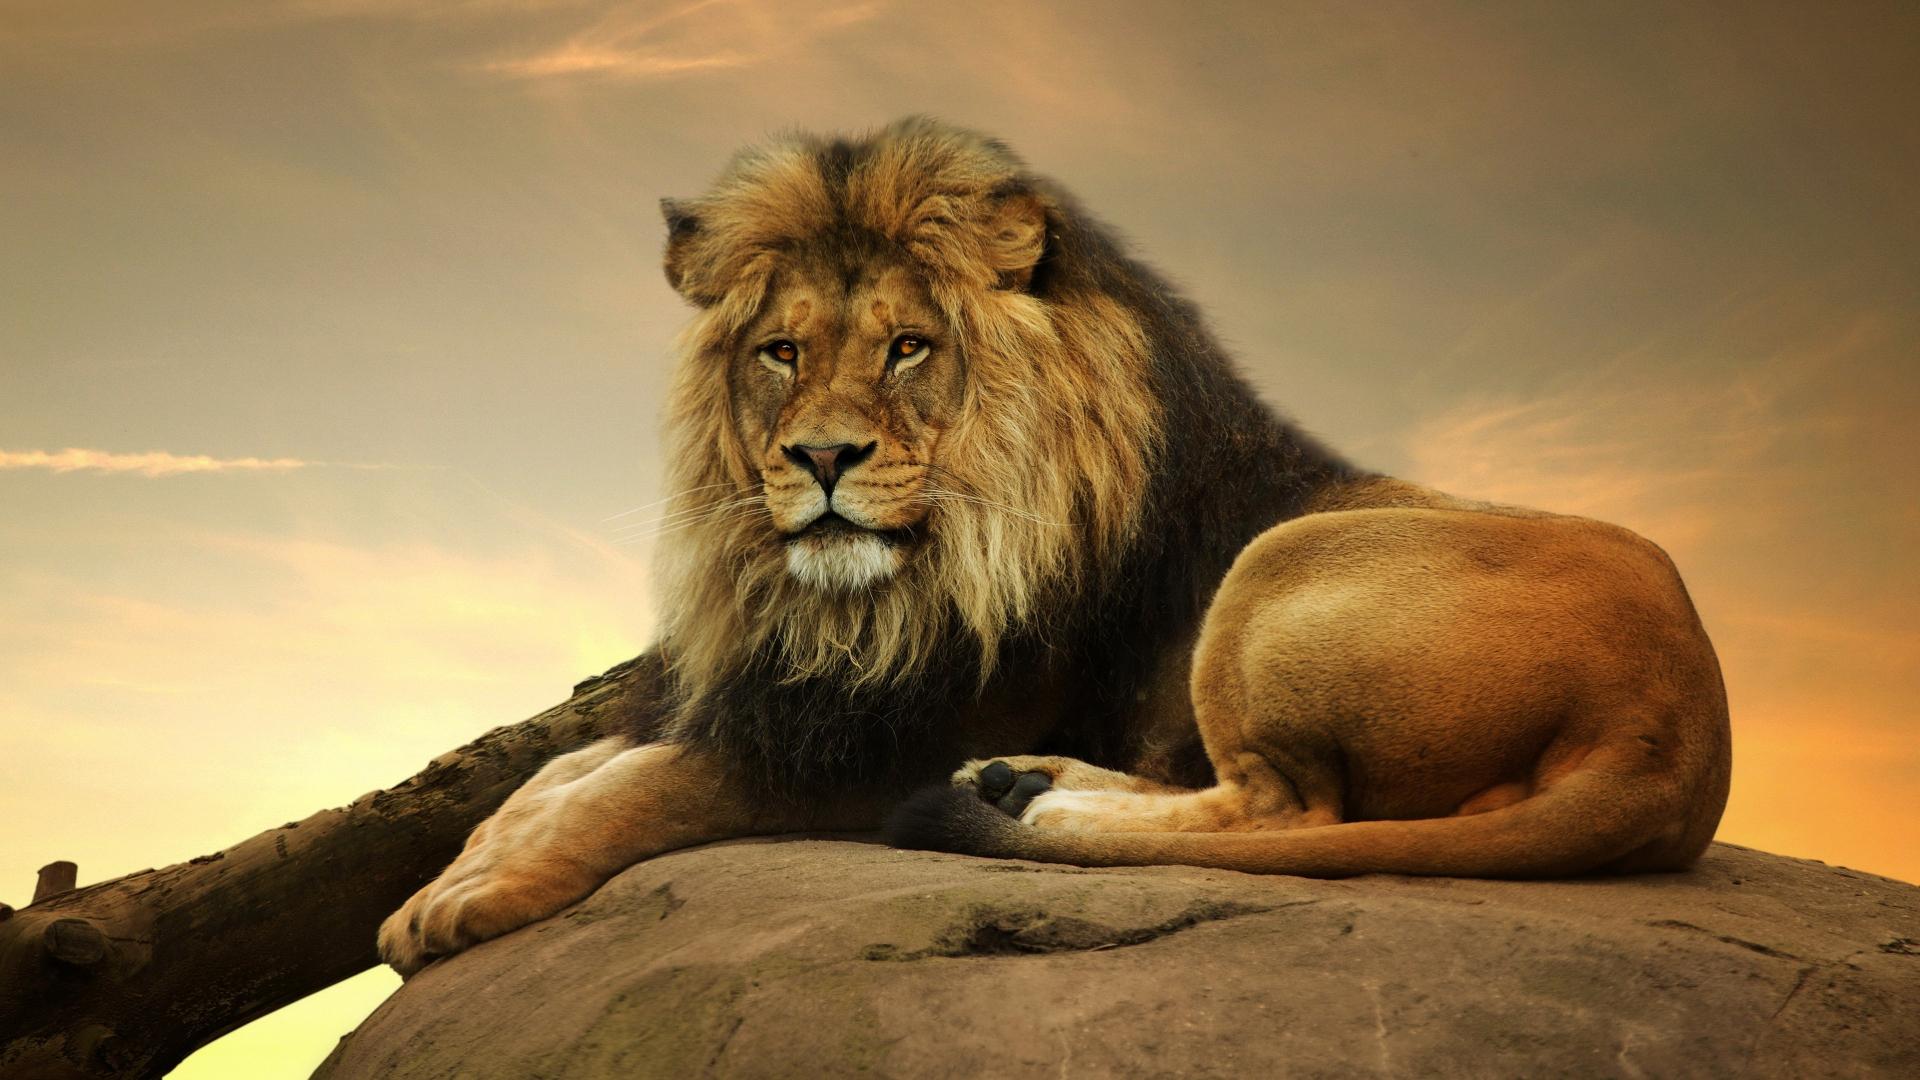 Download 1920x1080 Wallpaper Lion King Of Animals Predator Sit